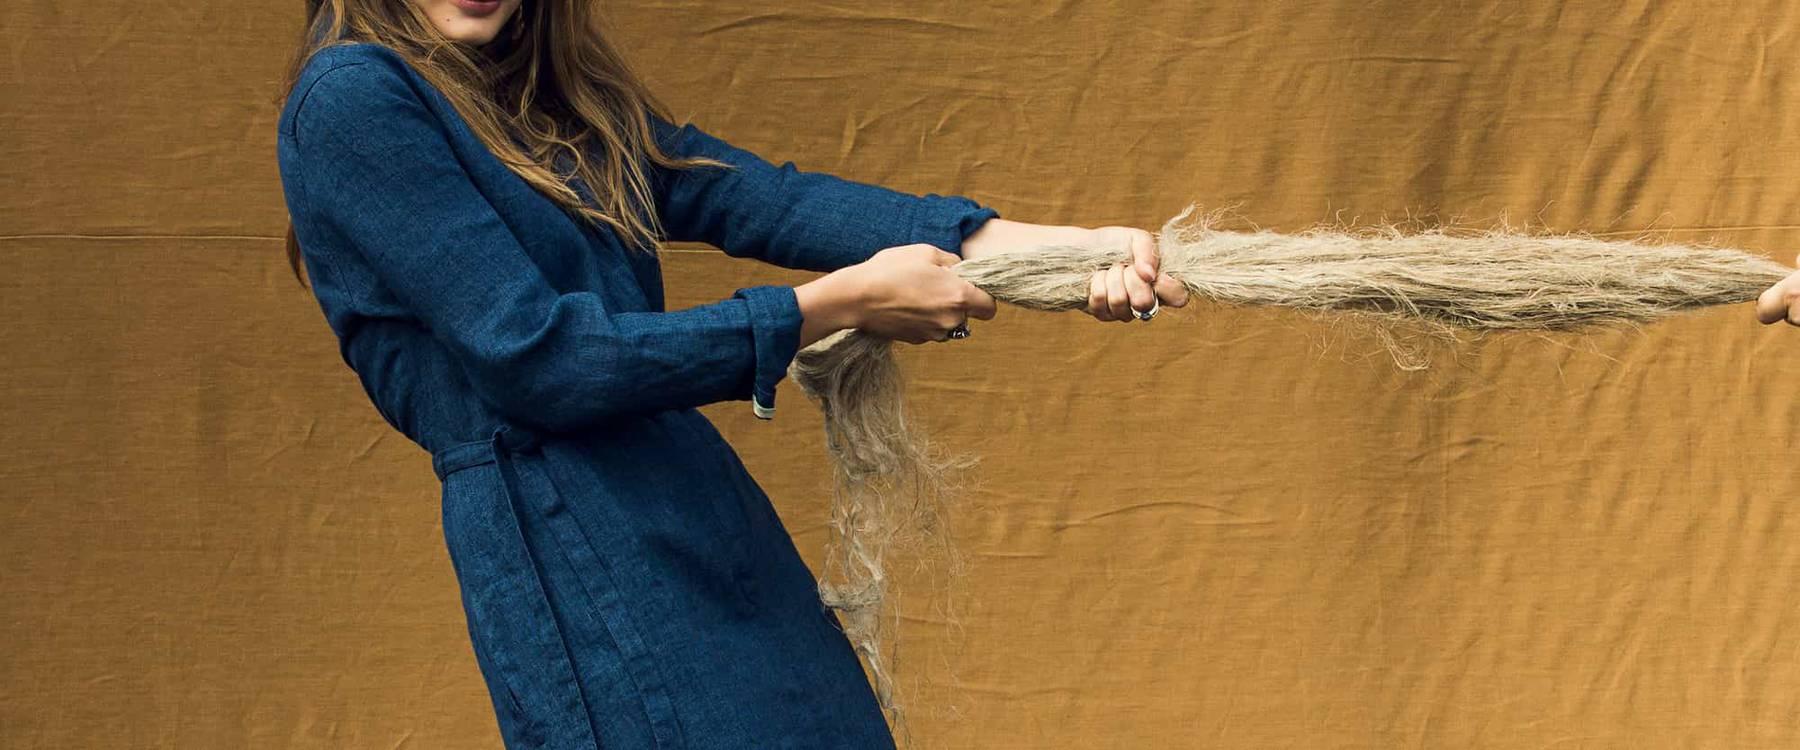 Der neue Stoff besteht aus den Bastfasern Hanf und Leinen sowie aus Modal, einer natürlichen Zellulose-Faser. (Bild: freitag.ch)